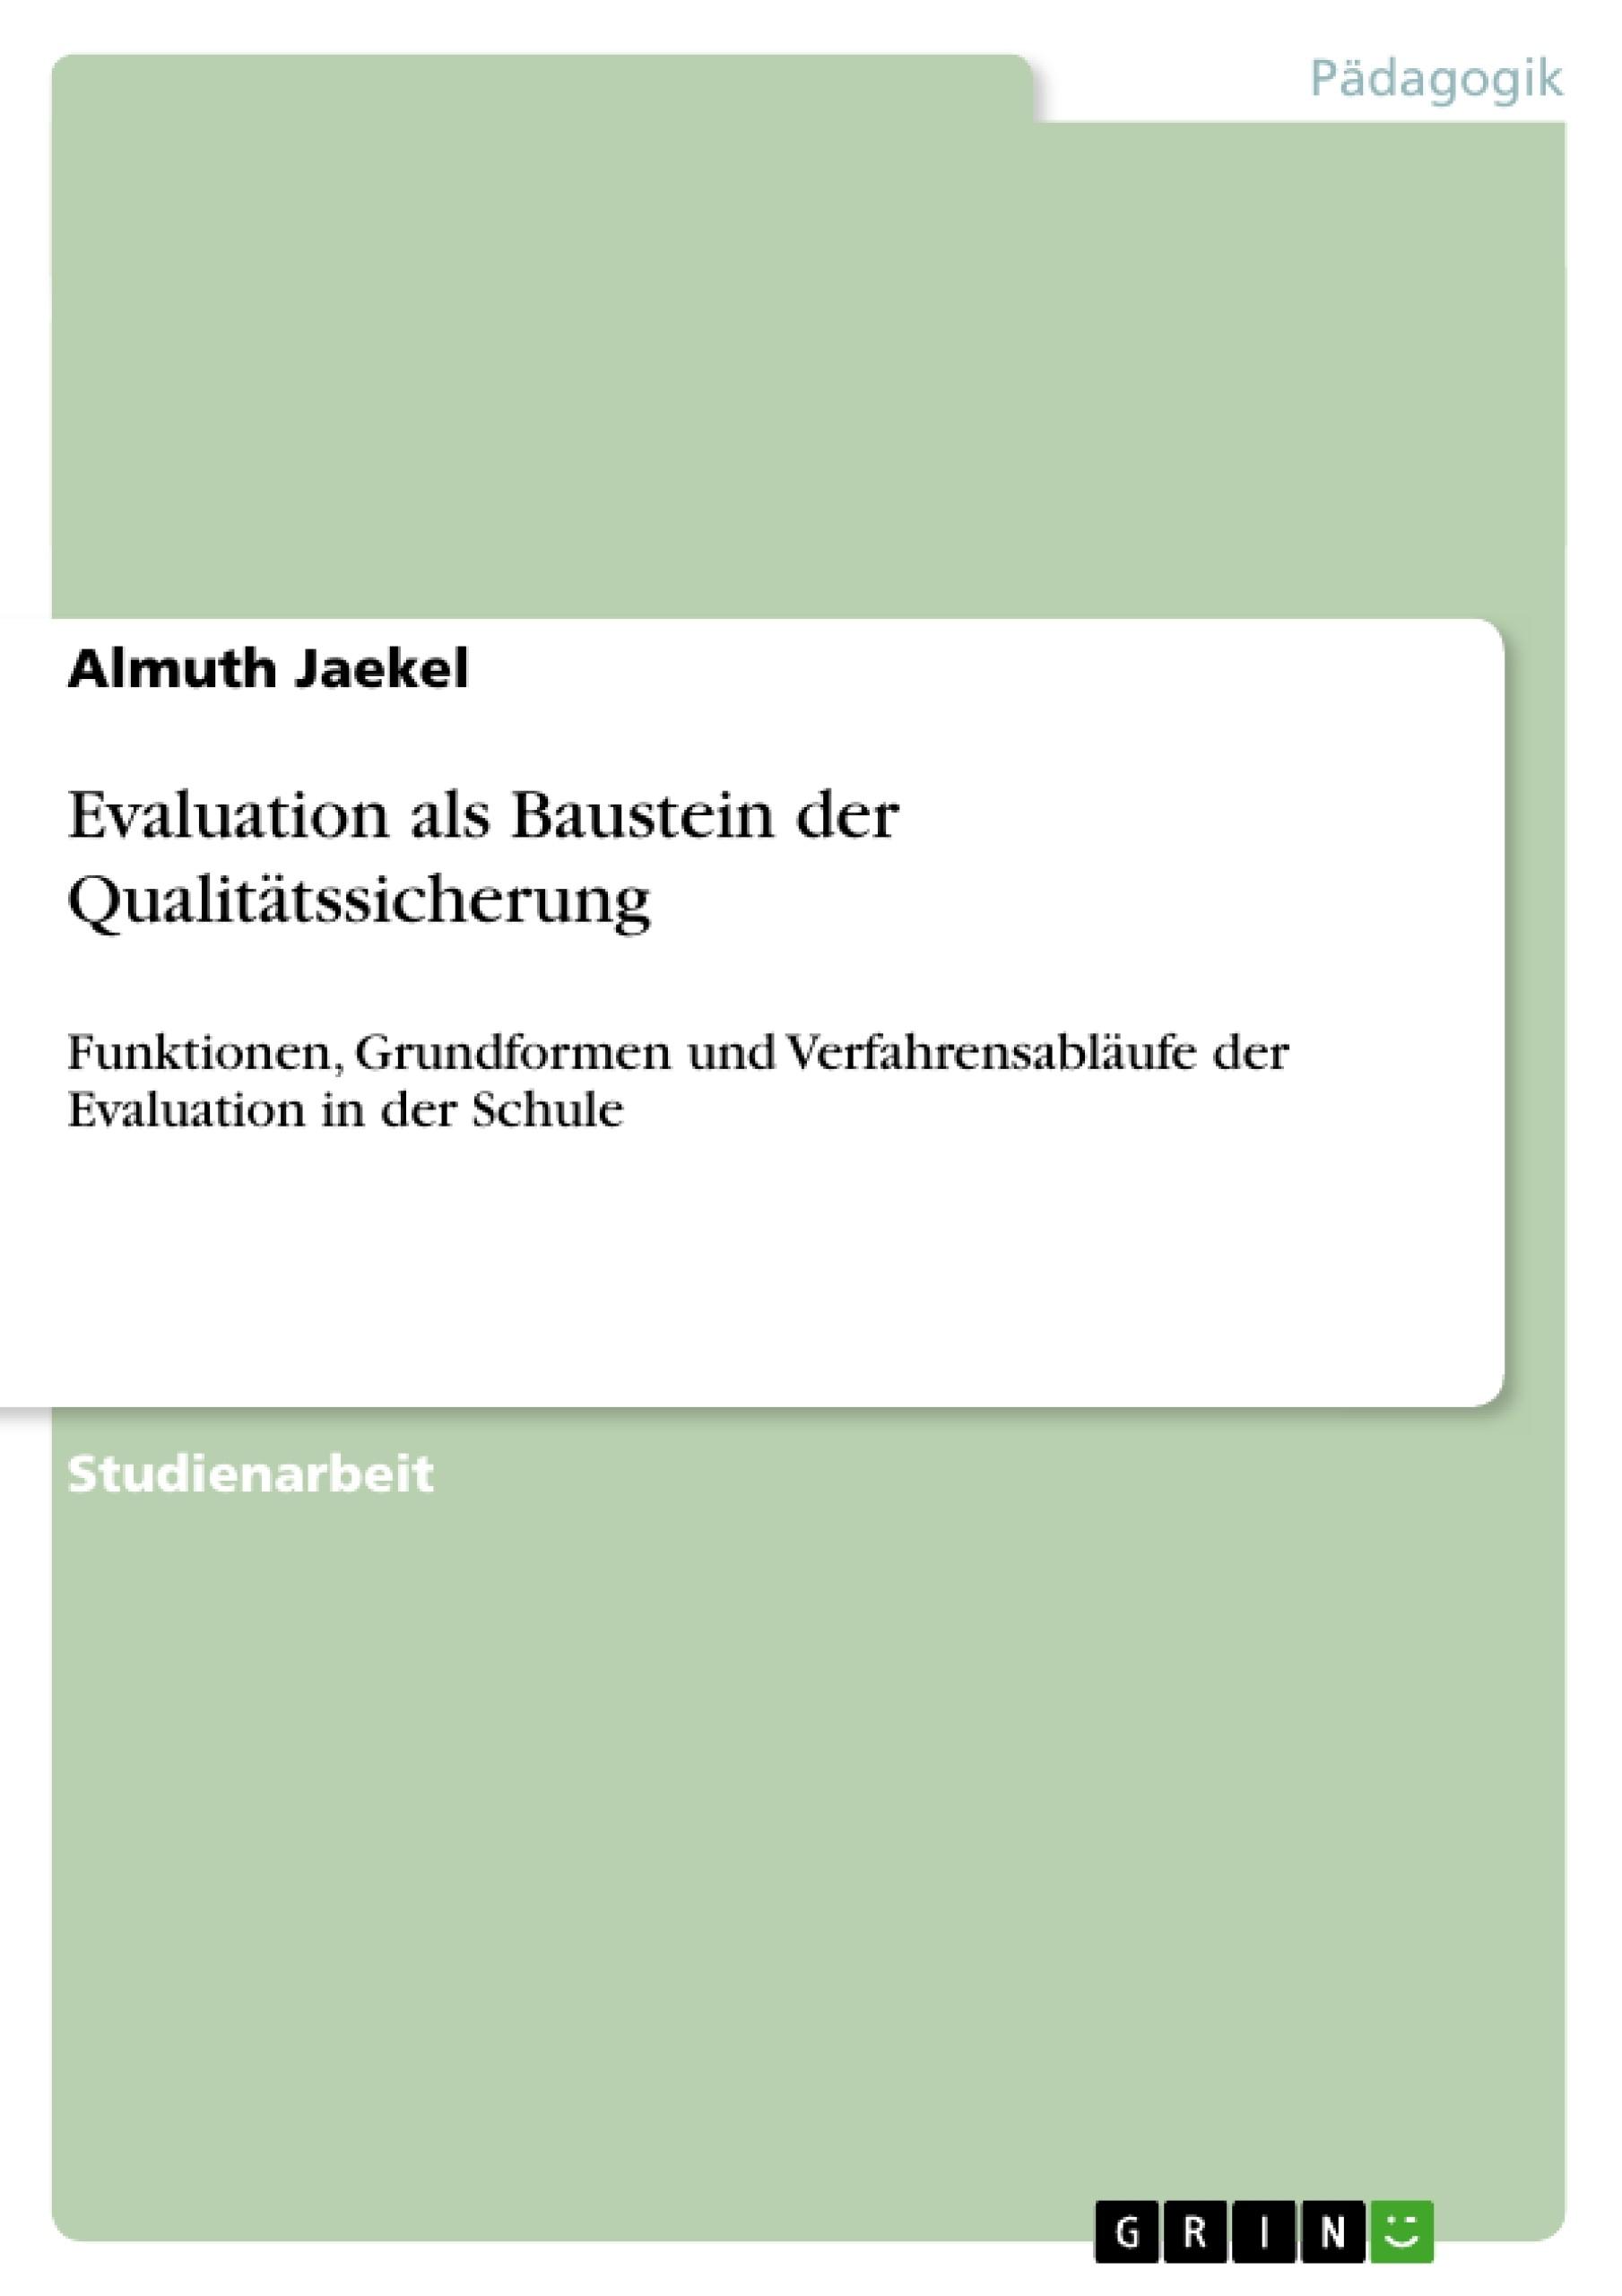 Titel: Evaluation als Baustein der Qualitätssicherung